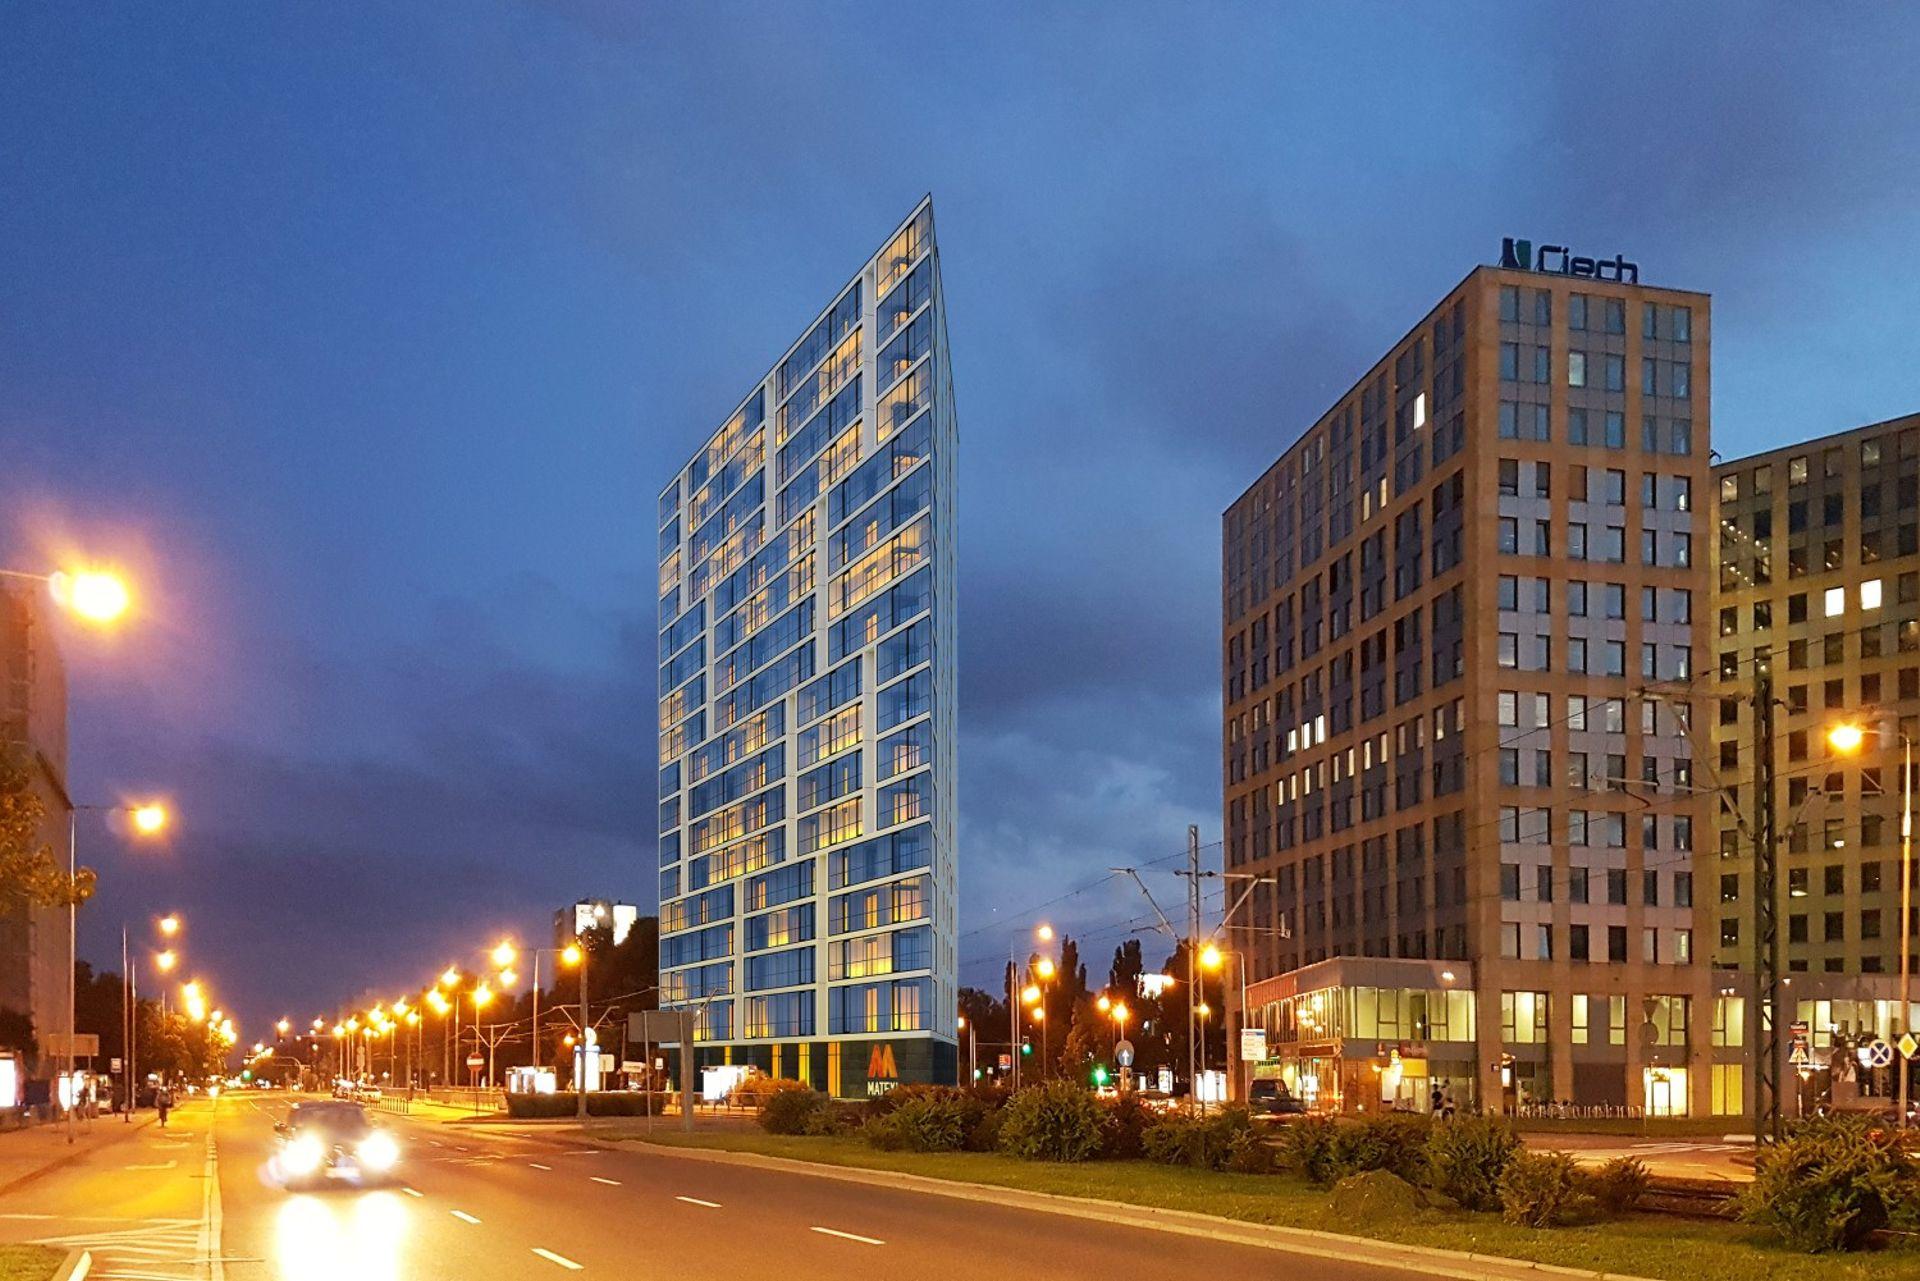 Matexi buduje w Warszawie 16-piętrowy apartamentowiec Puławska 186 [FILM]